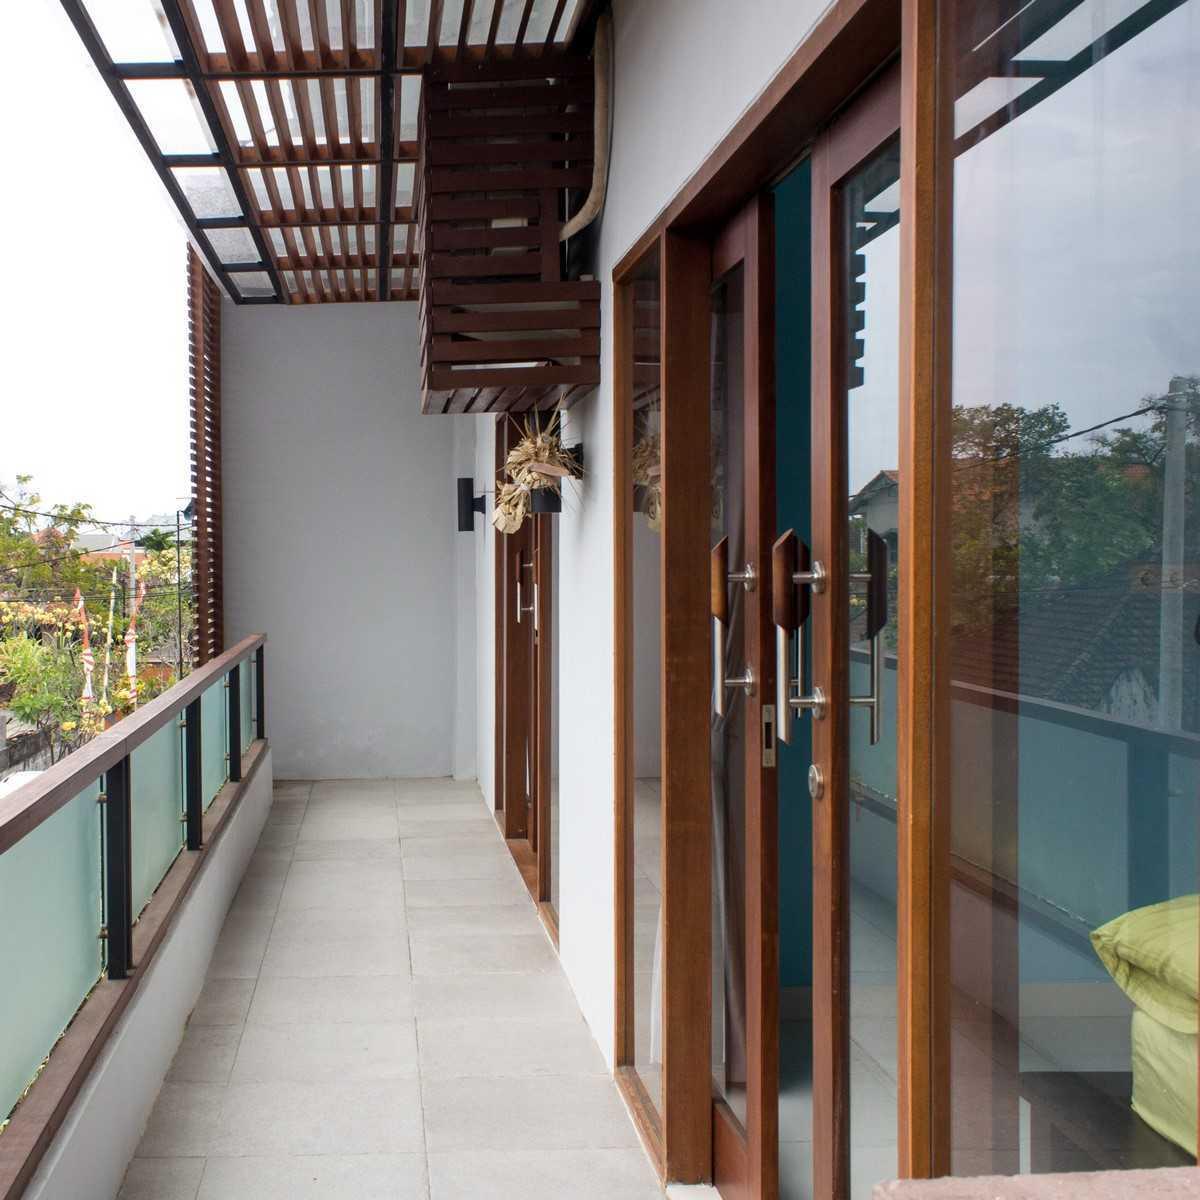 Pradhana Pande Pidada Jalan Sanitasi, Denpasar - Bali Jalan Sanitasi, Denpasar - Bali Img9737-Copy   41675